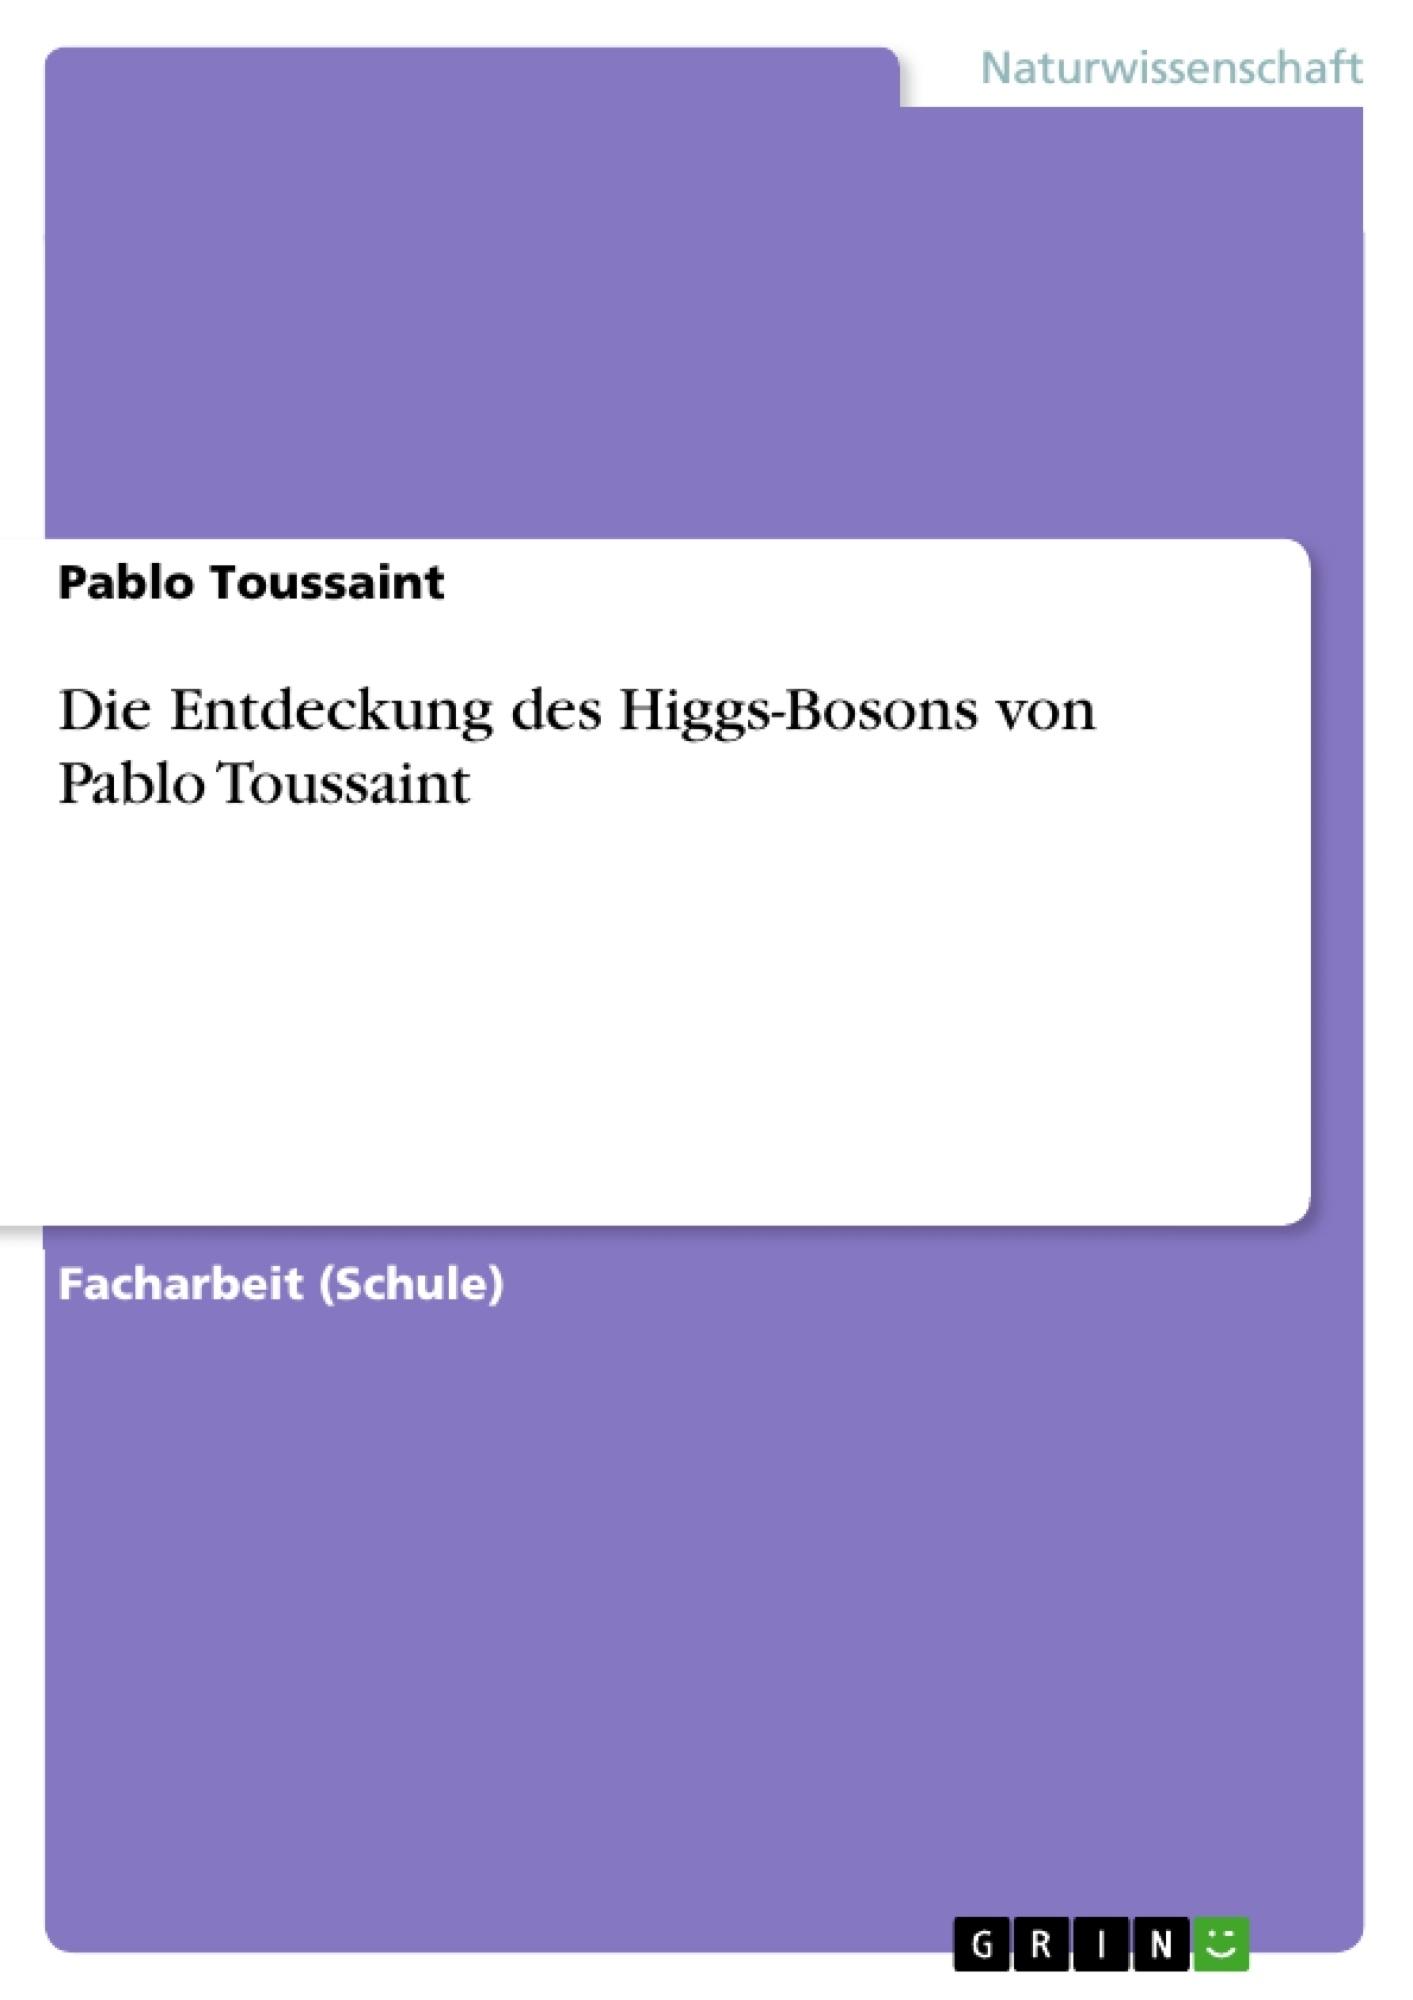 Titel: Die Entdeckung des Higgs-Bosons von Pablo Toussaint